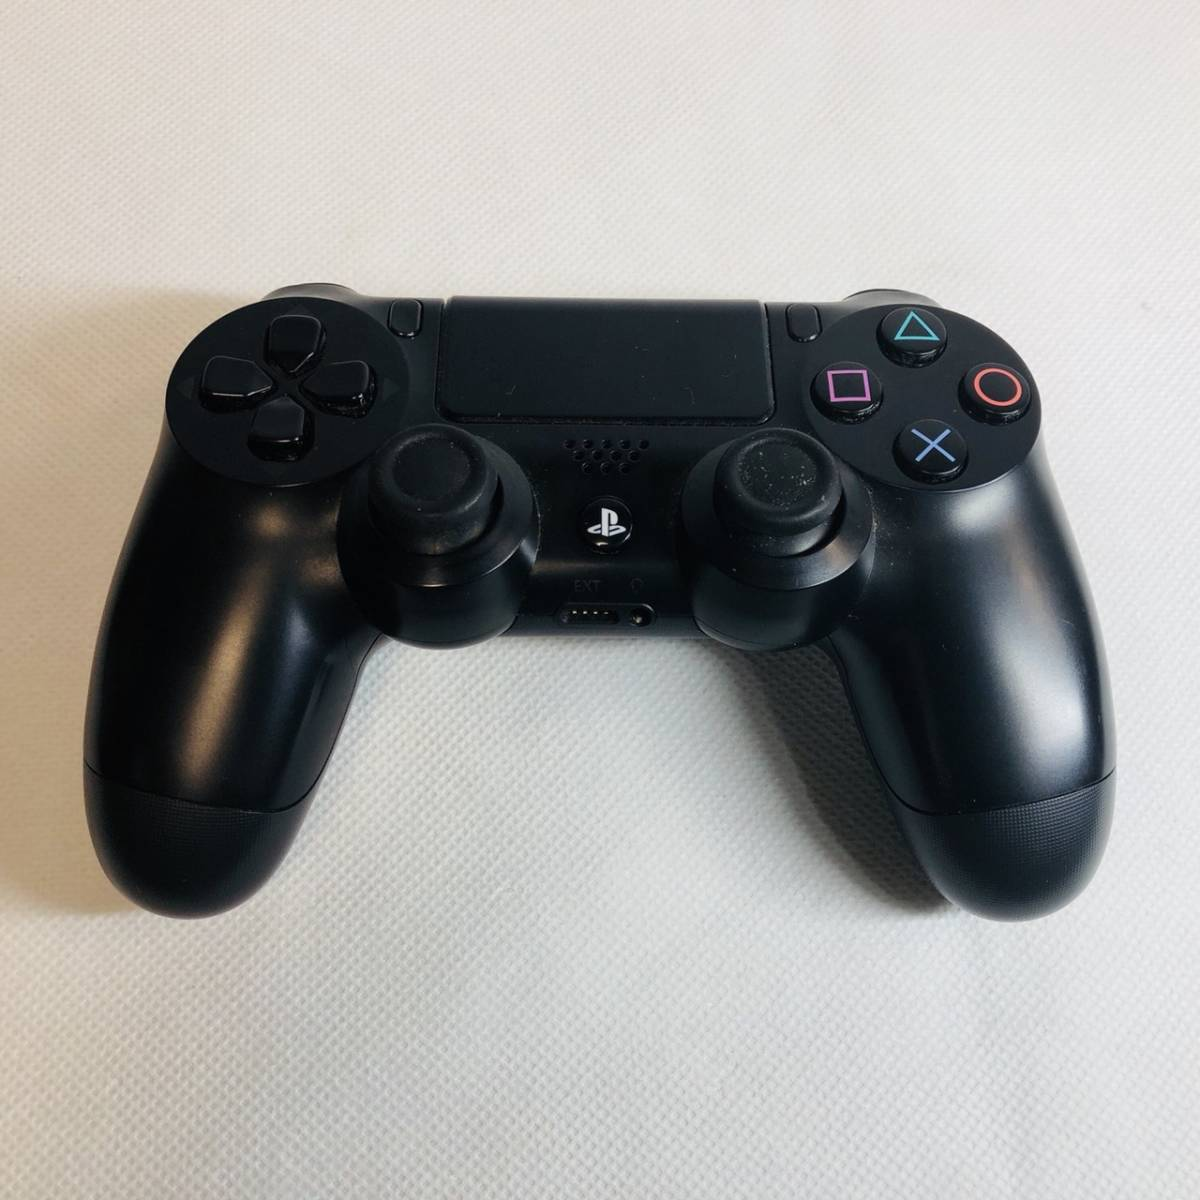 ★ 動作品 ★ PlayStation4 CUH-1000A 本体 すぐ遊べるセット! ジェットブラック 黒 プレイステーション4 プレステ4 封印シールあり ps4_画像5